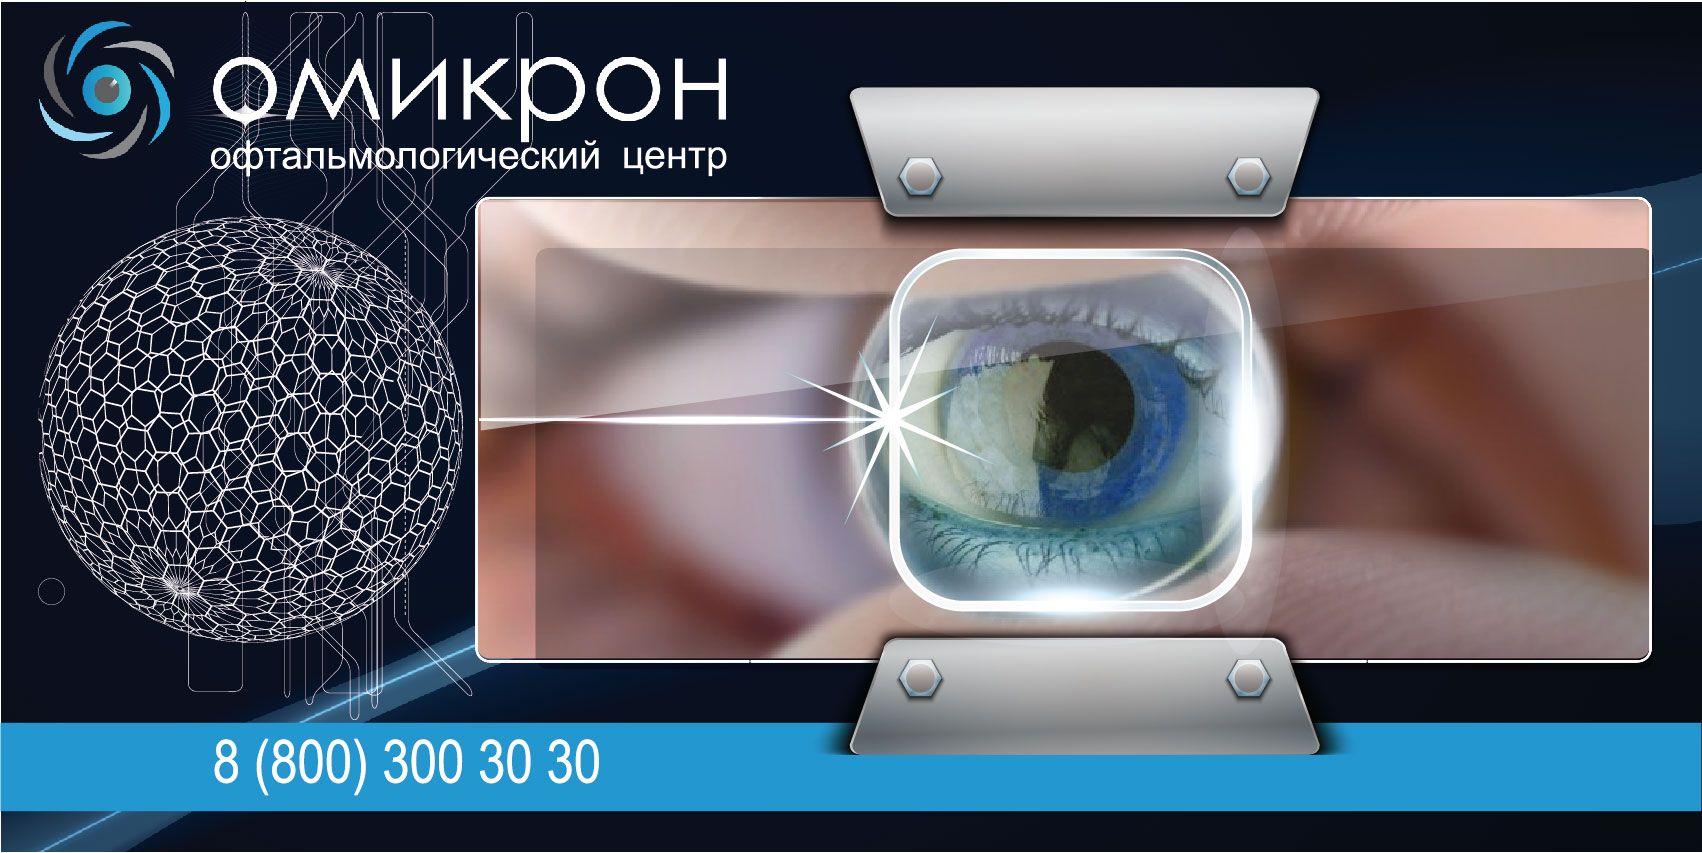 Баннер для офтальмологической клиники - дизайнер voenerges